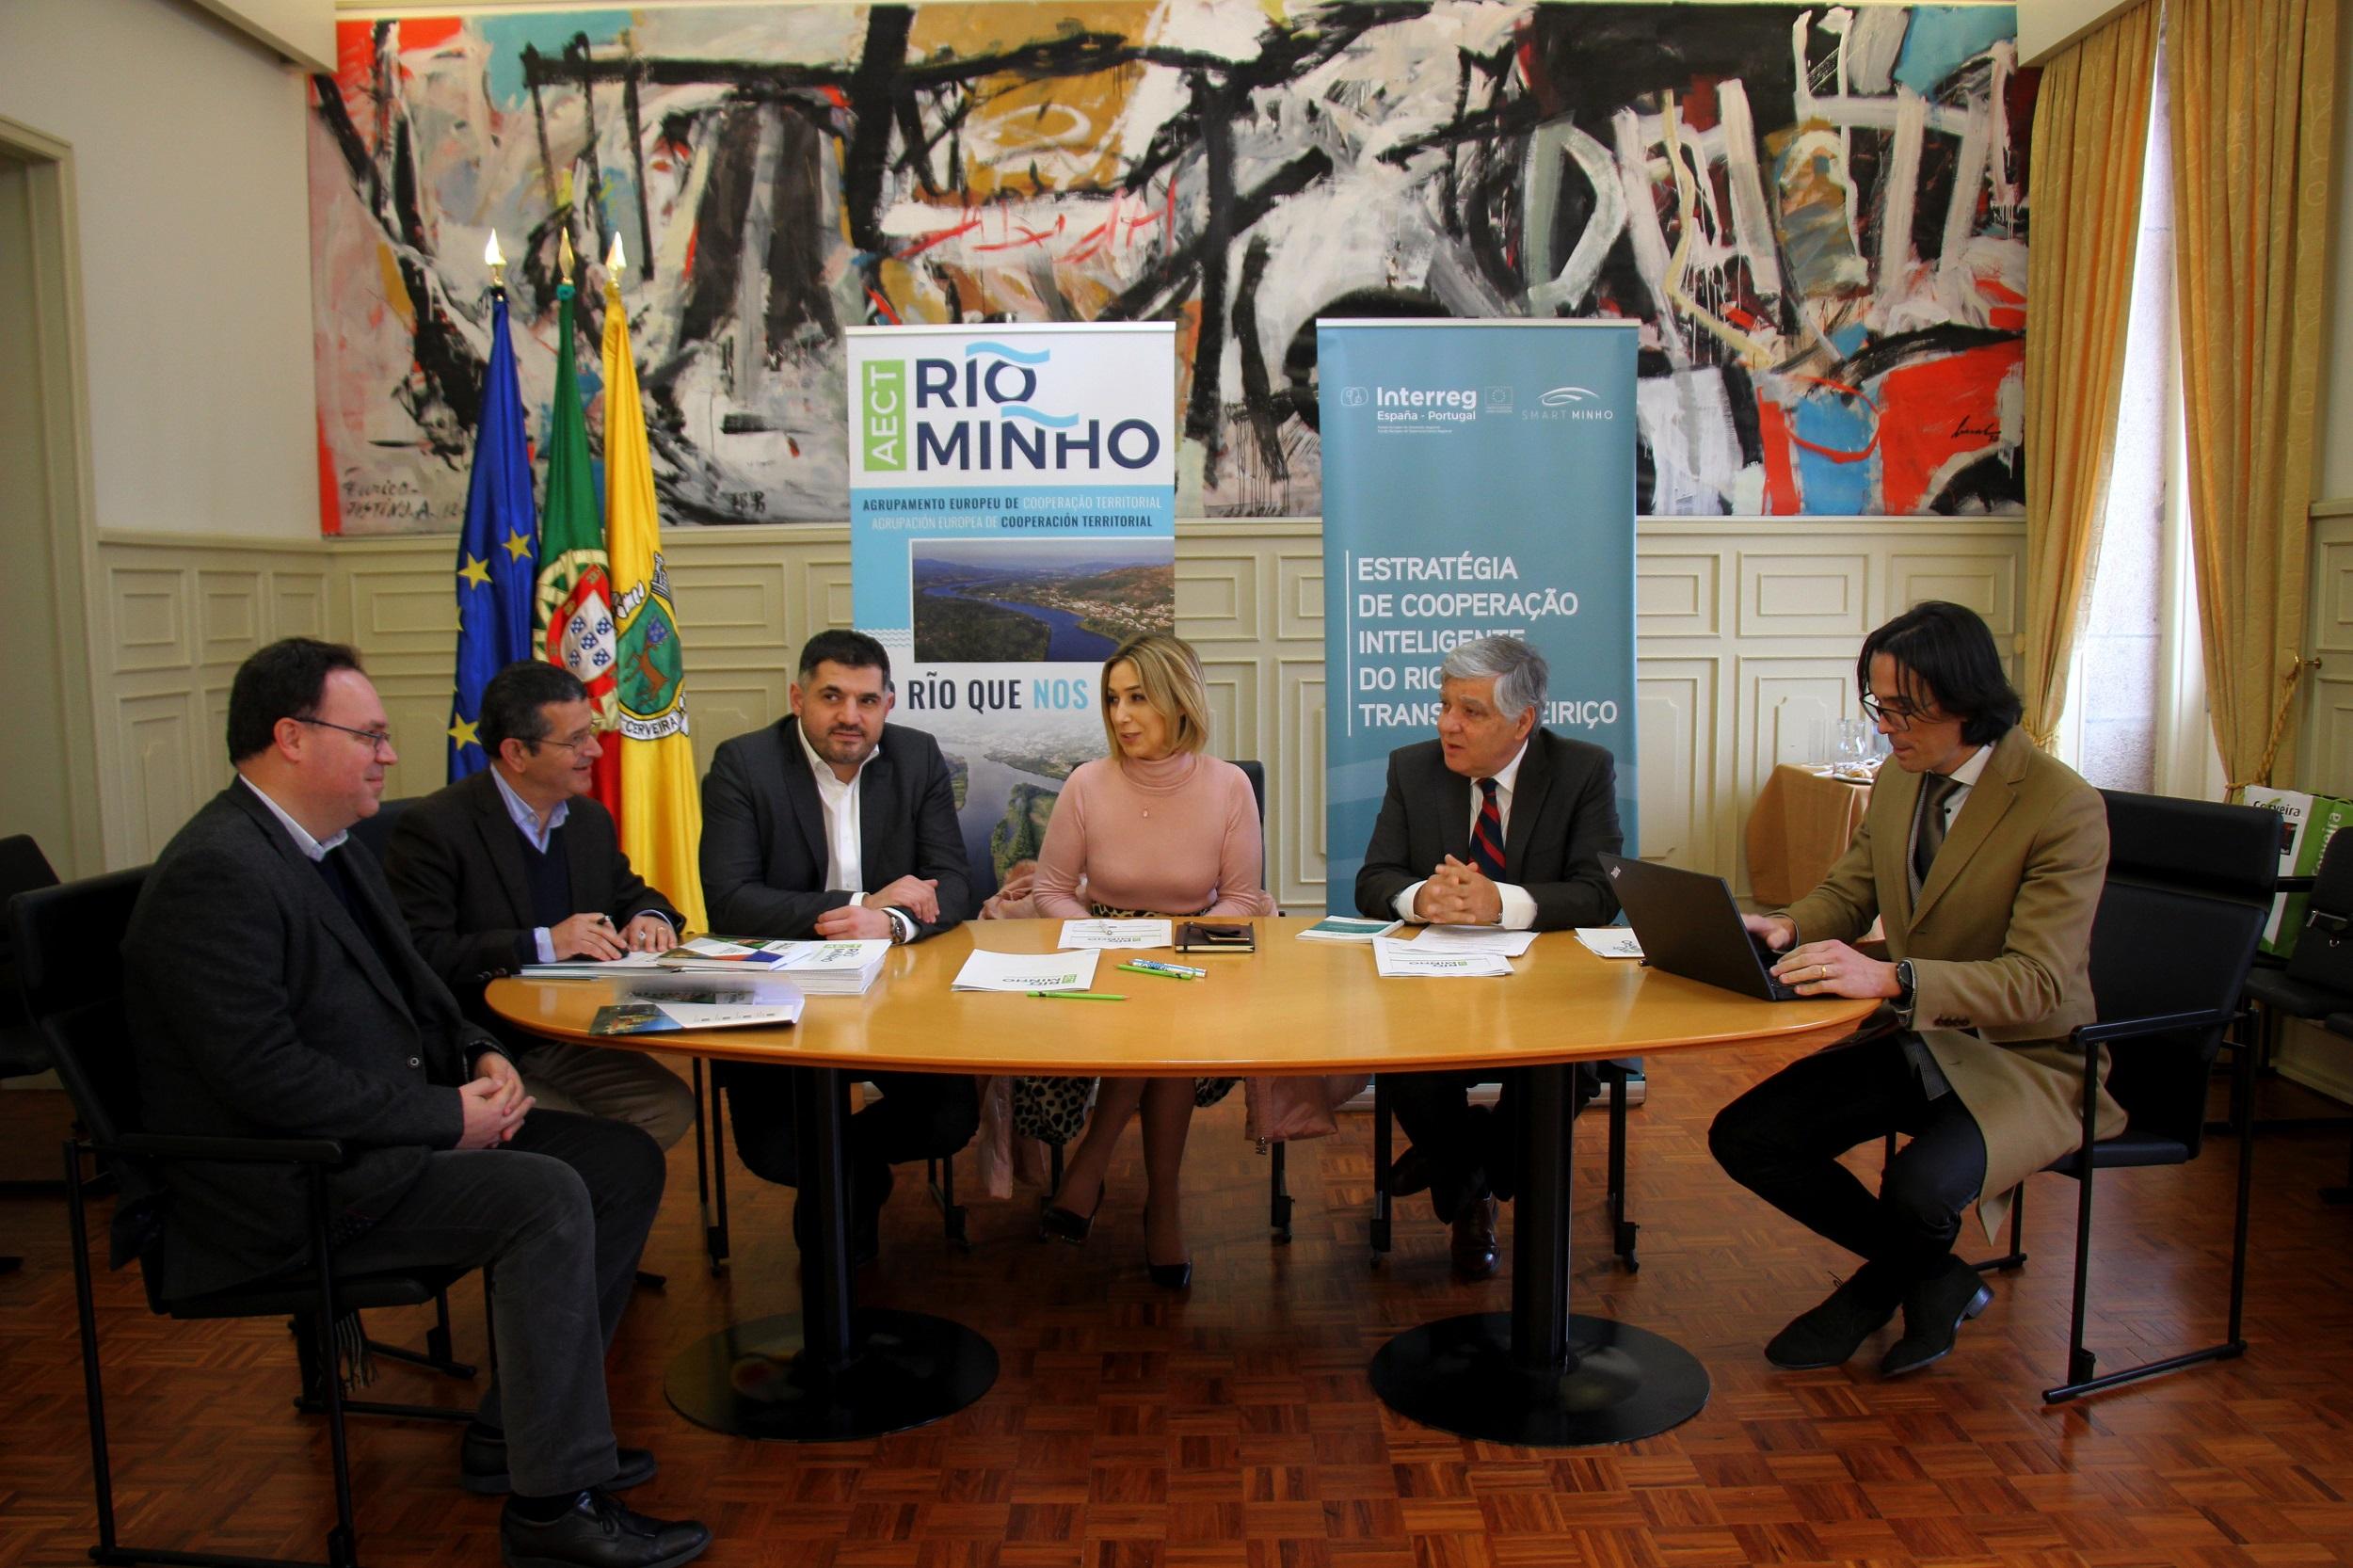 Reunión secretaria estado Portugal para valorar o ITI transfonteirizo